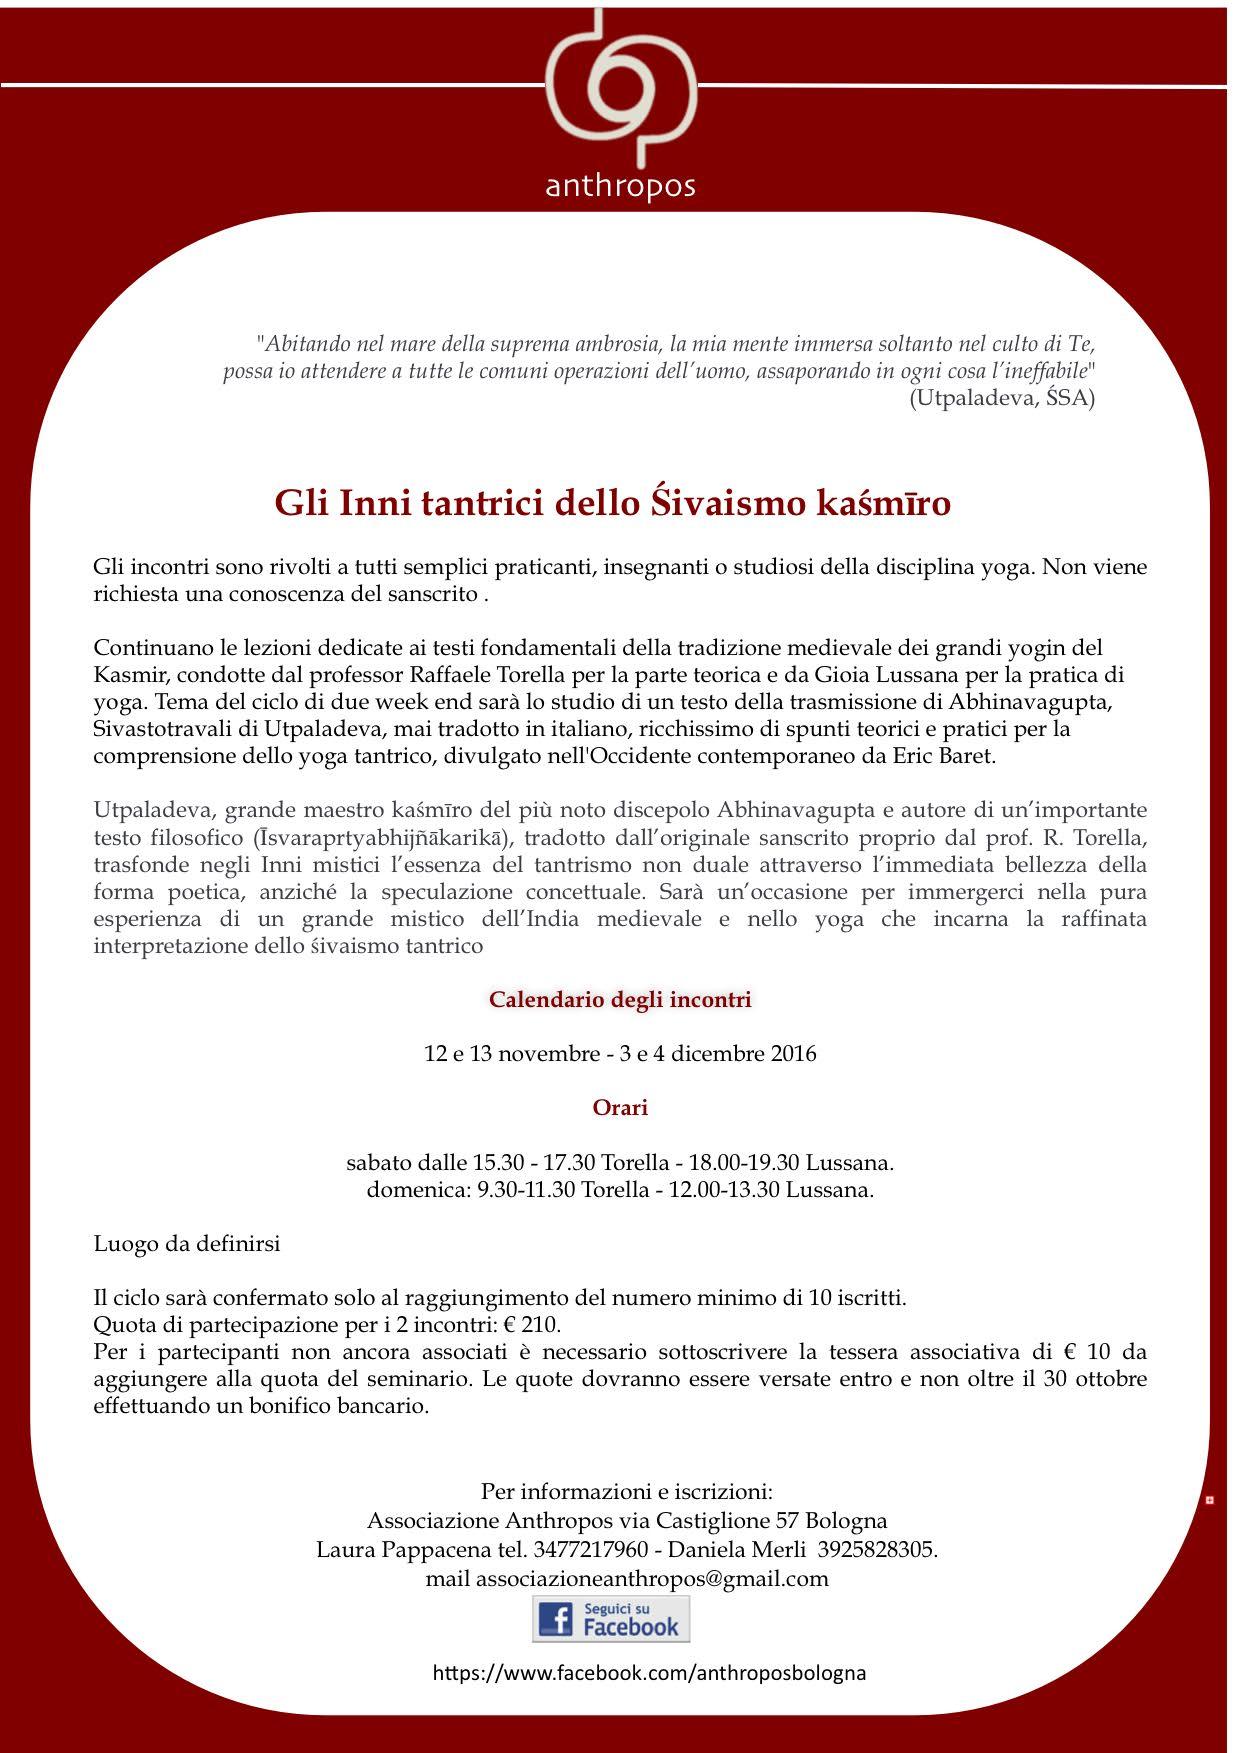 Associazione Anthropos BolognaIncontri su Gli inni Tantrici dello Śivaismo Kashmiro